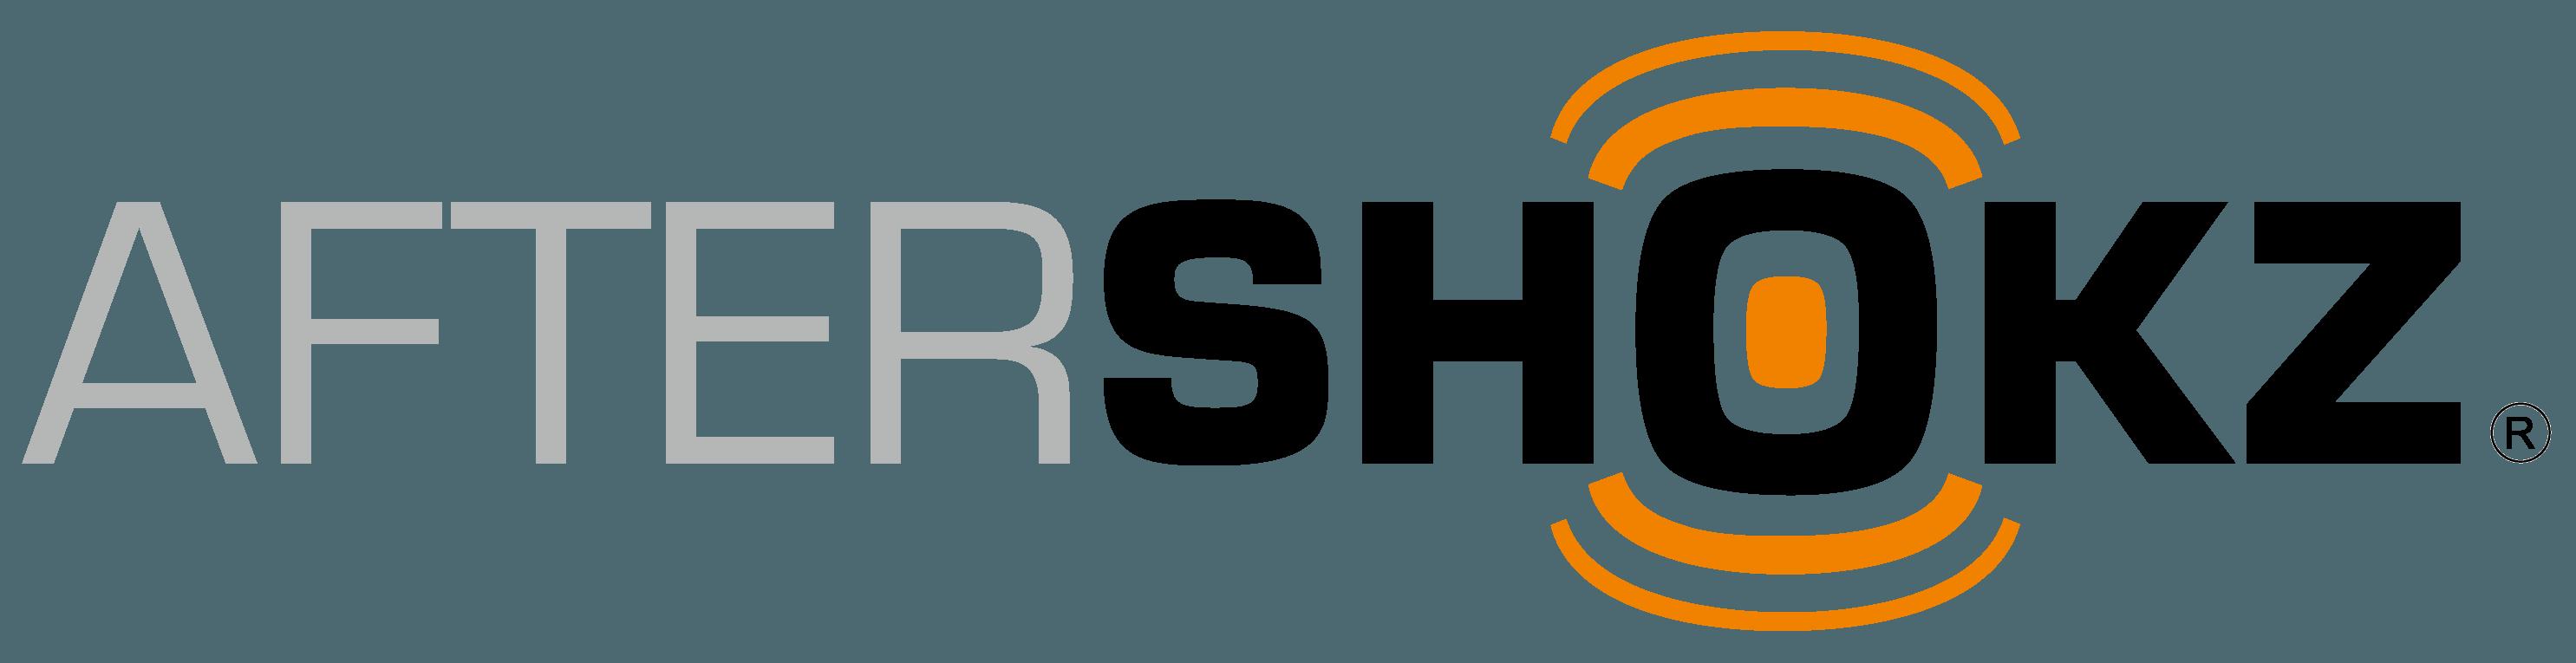 Image result for aftershokz logo